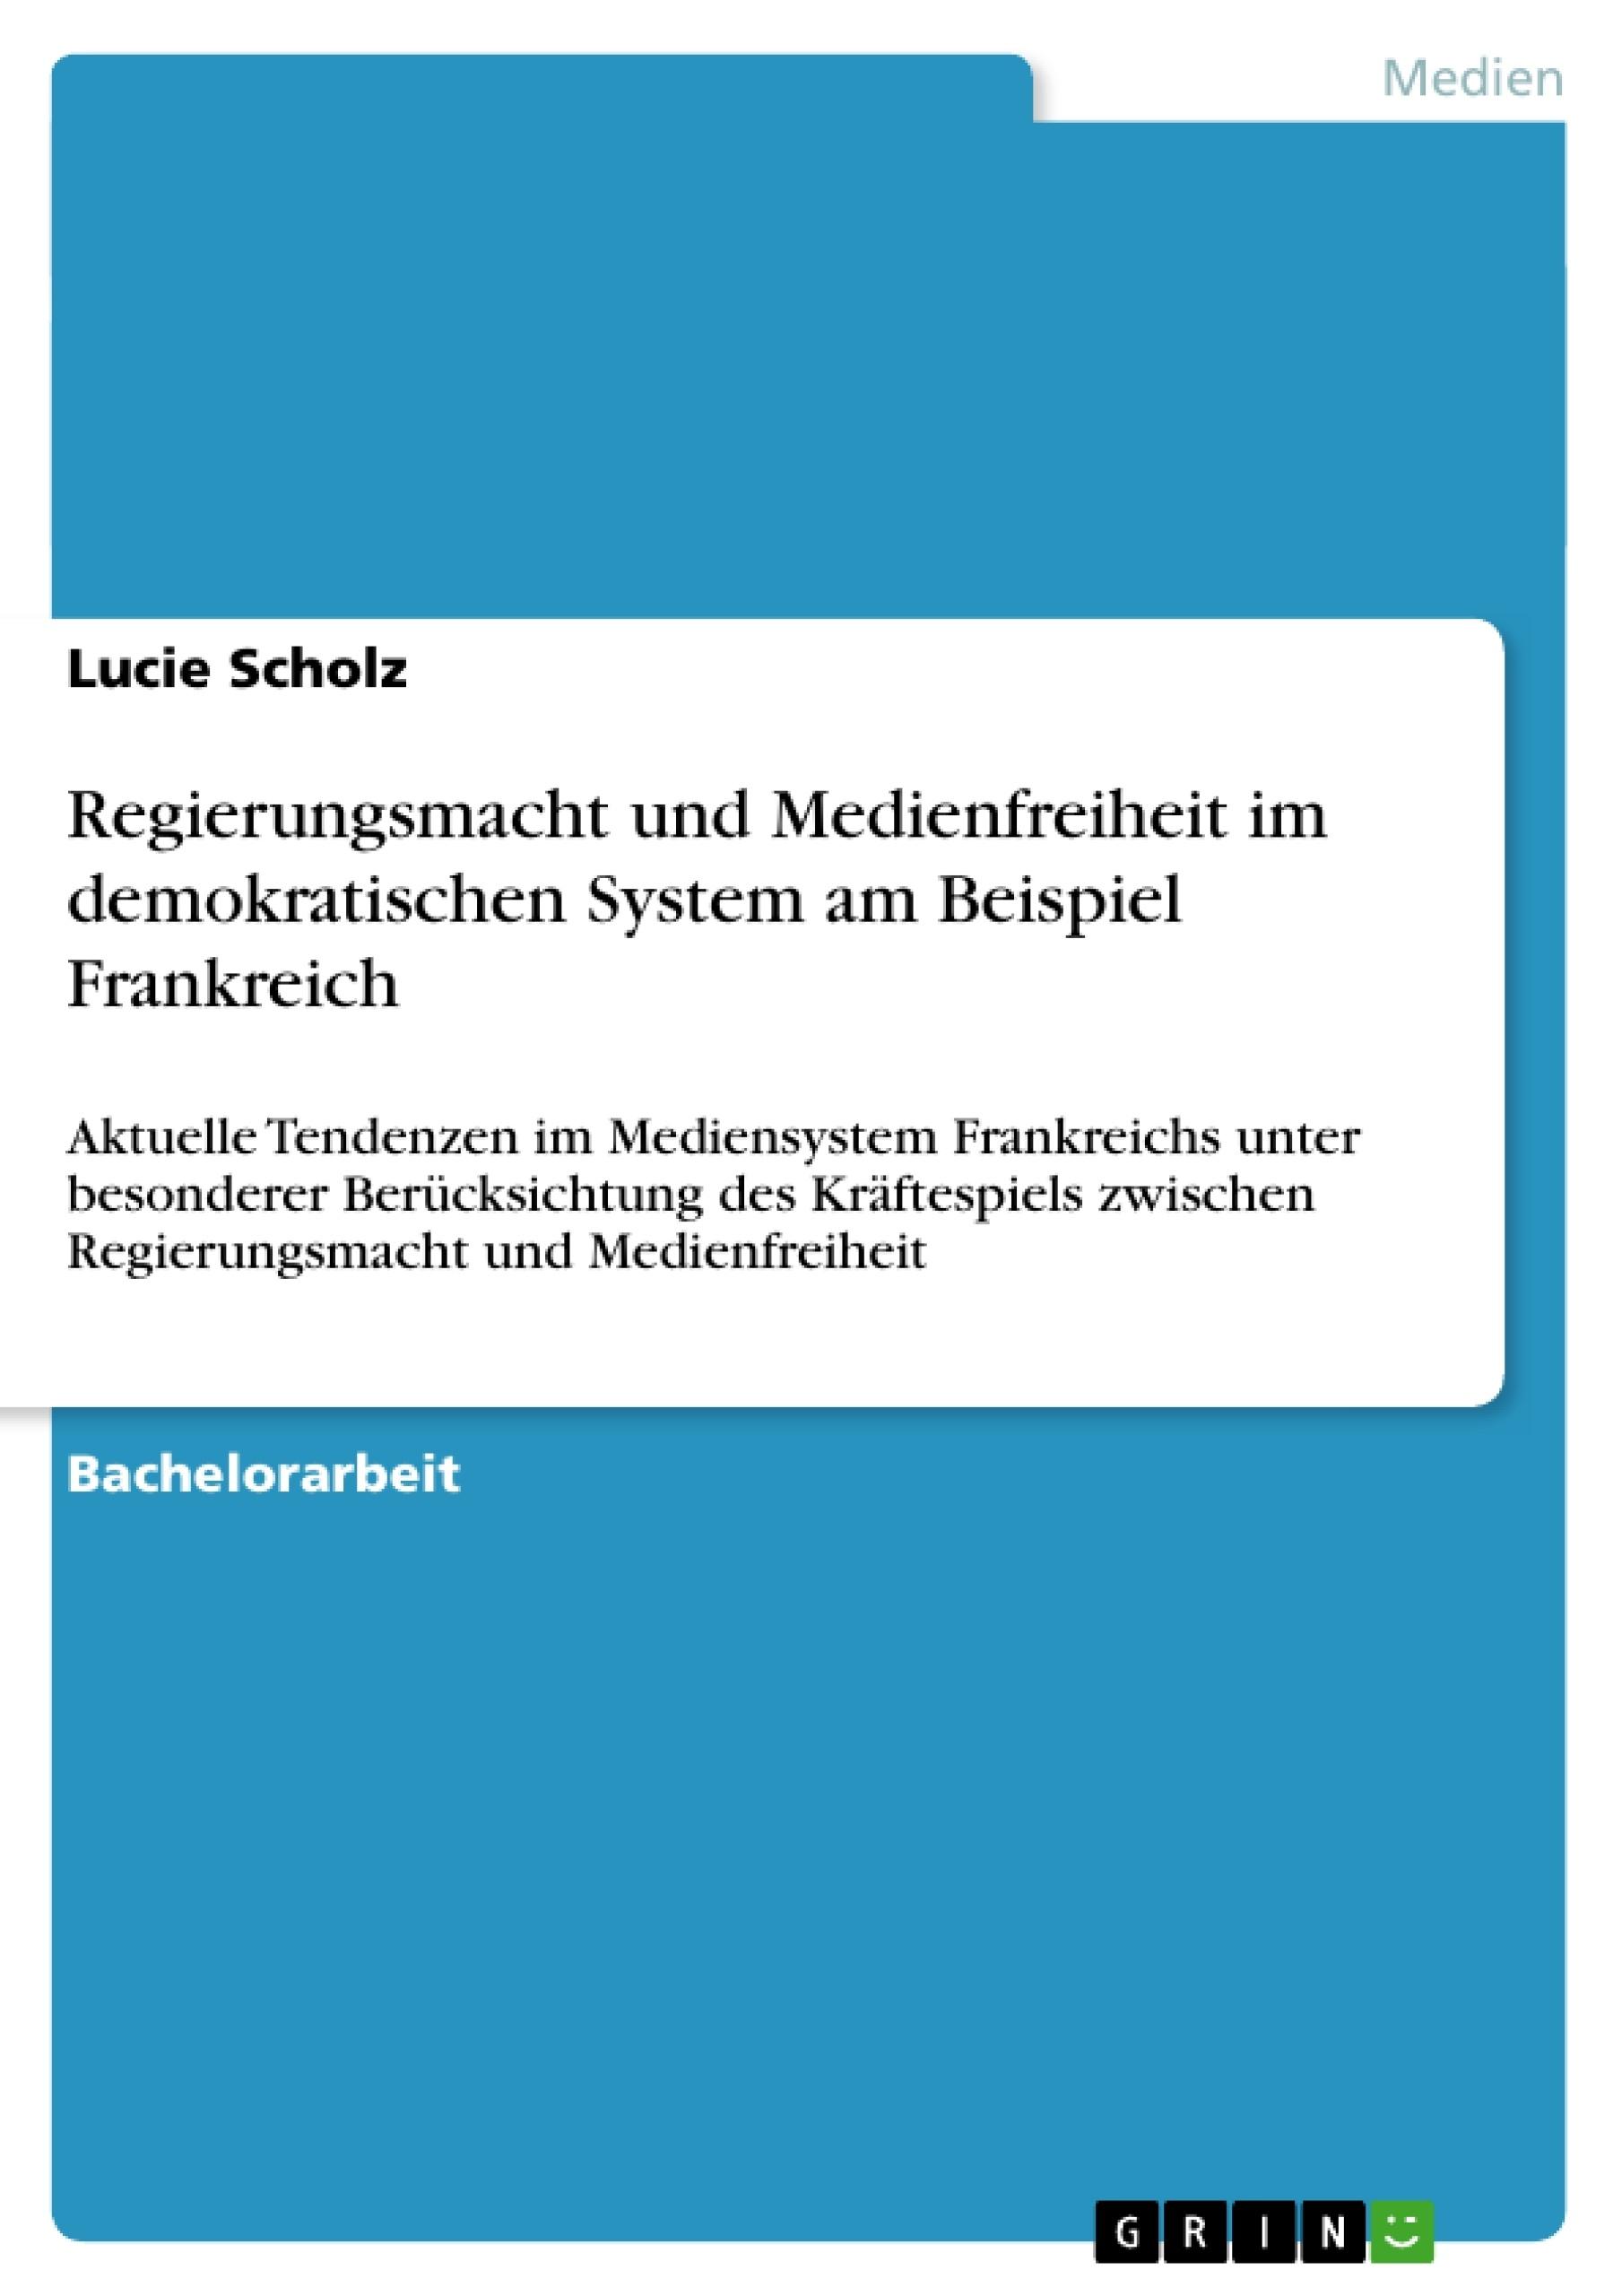 Titel: Regierungsmacht und Medienfreiheit im demokratischen System am Beispiel Frankreich